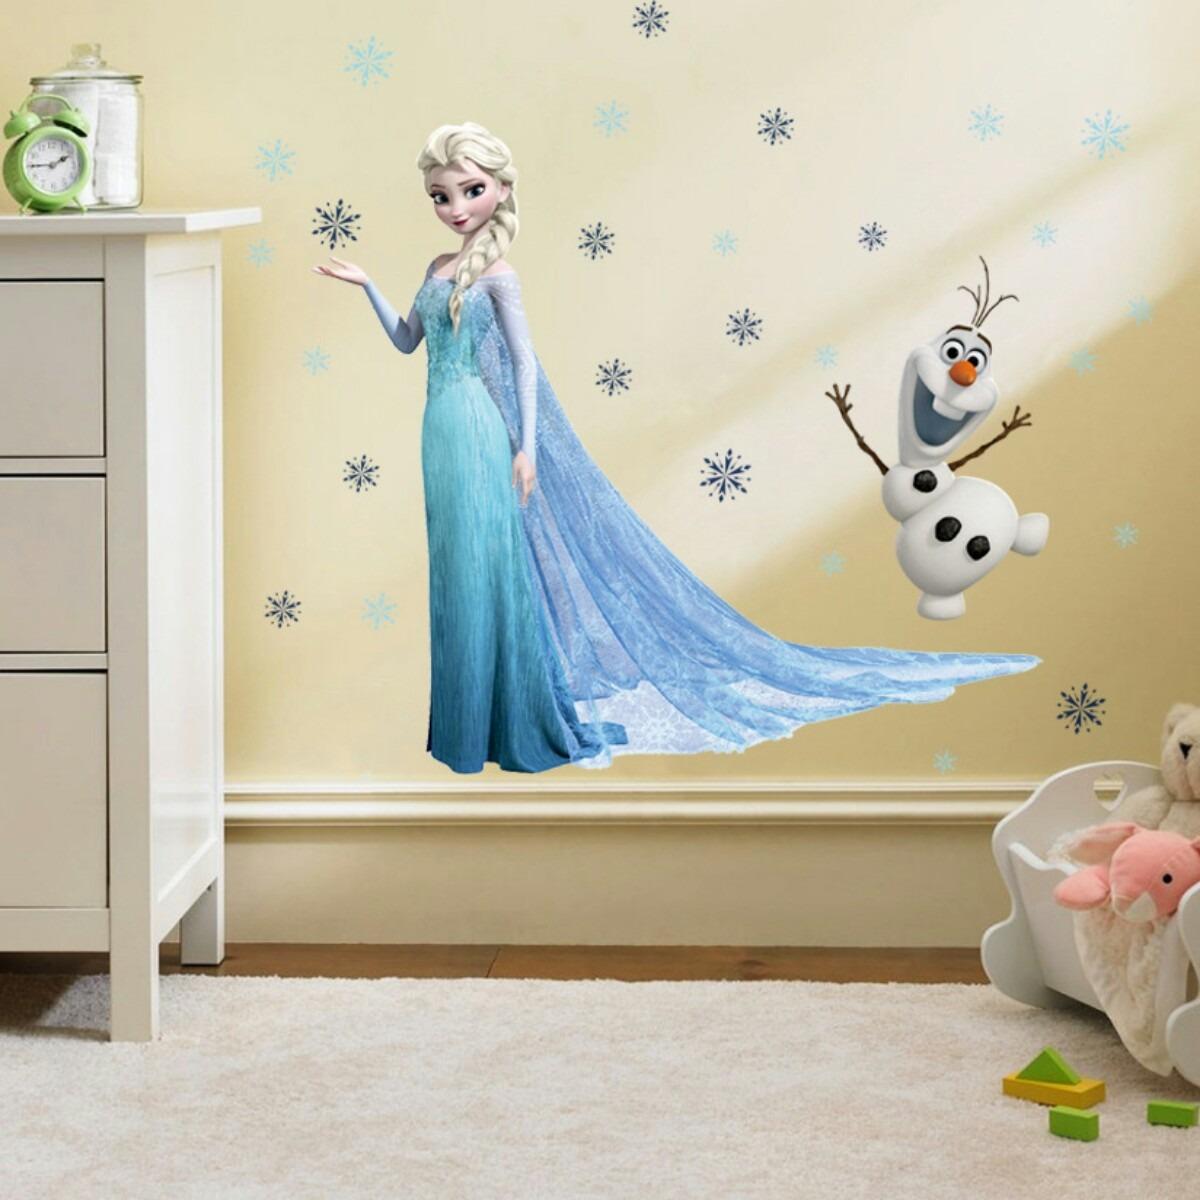 Aparador Walmart ~ Adesivo Papel De Parede Frozen Elsa, Olaf E Flocos De Neve R$ 65,00 em Mercado Livre